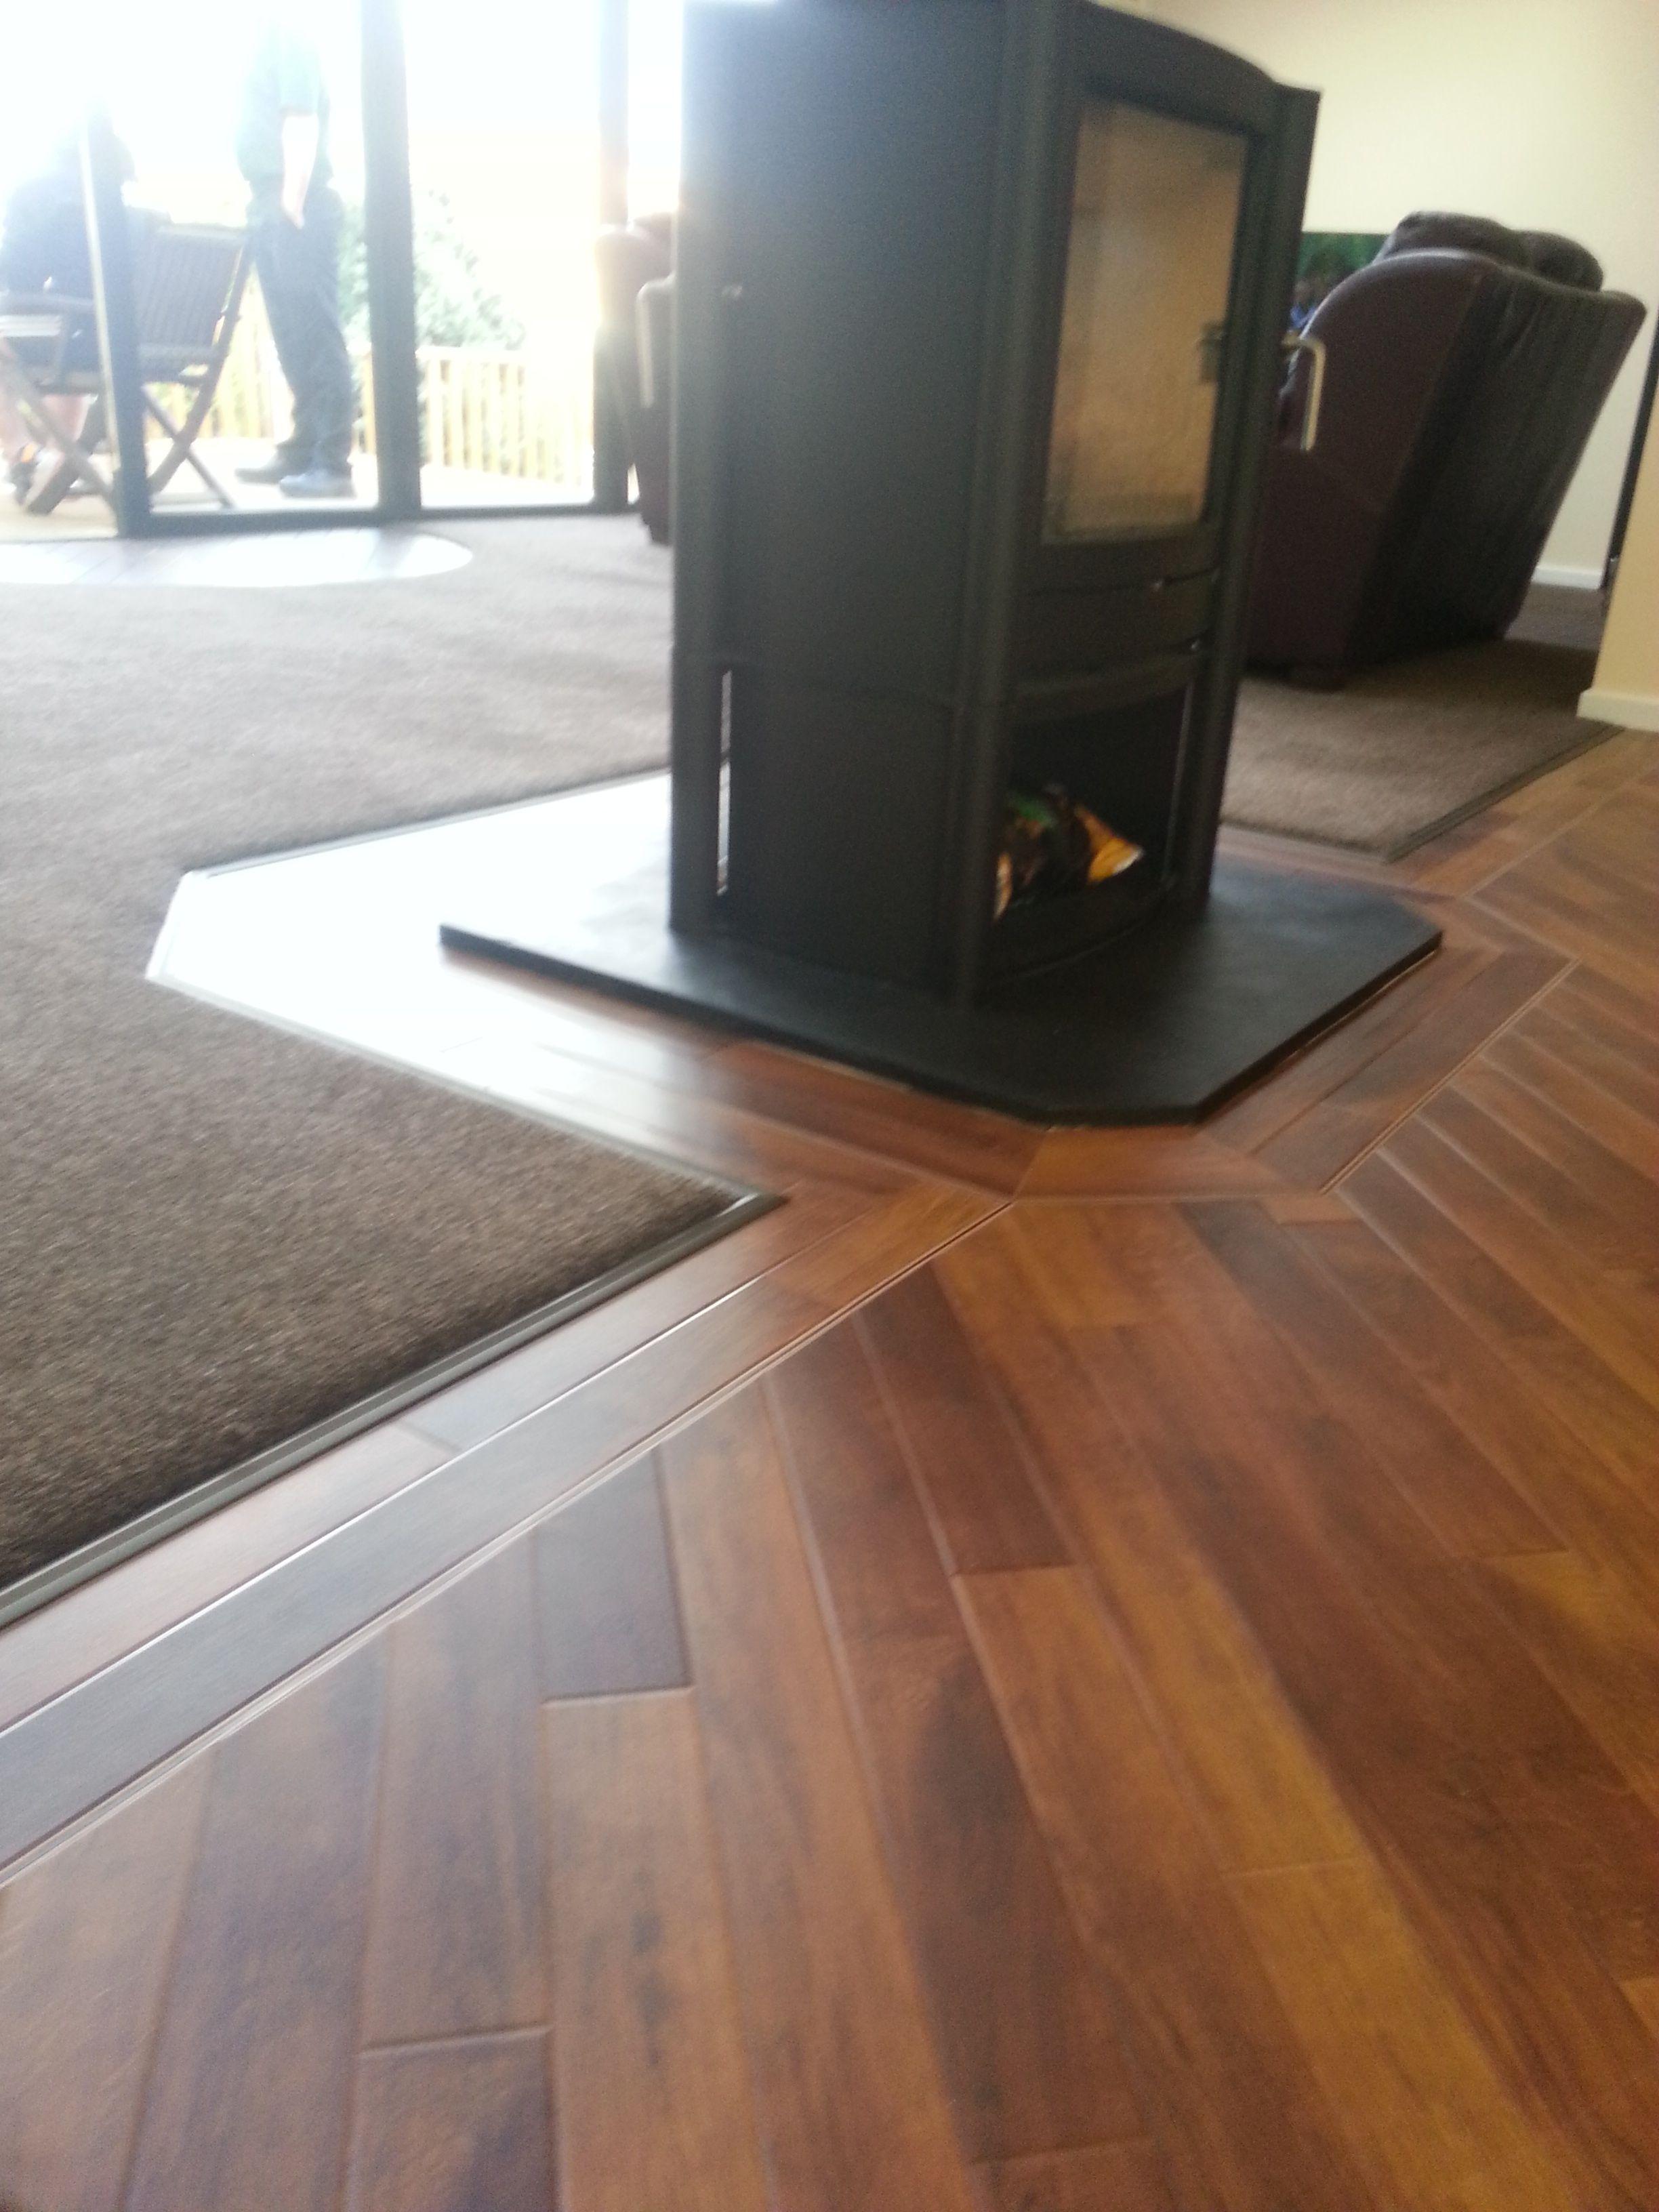 blog gb and floors sundown floor karndean flooring en oak designflooring our